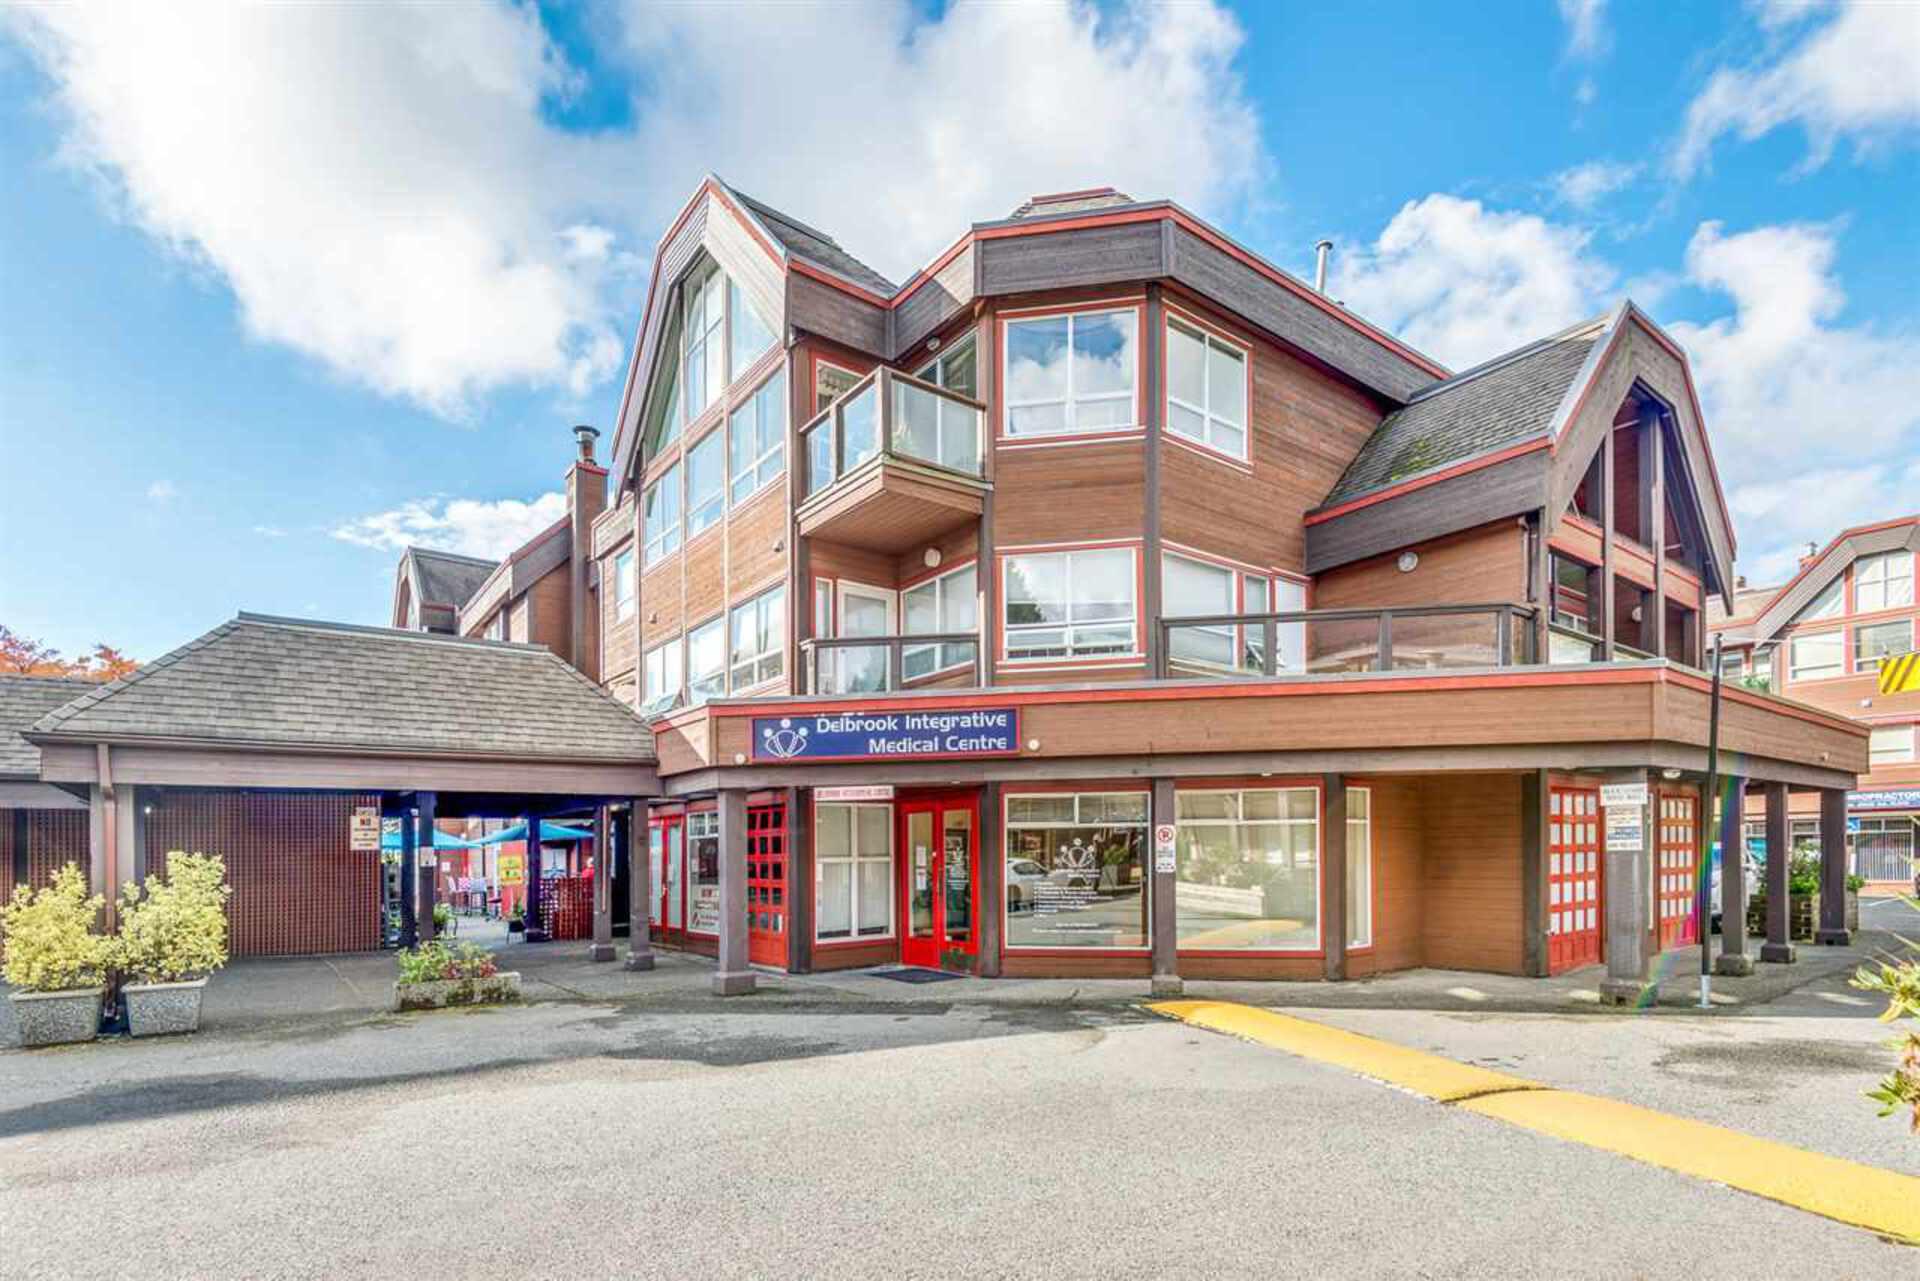 3711-delbrook-avenue-upper-delbrook-north-vancouver-01 at 203 - 3711 Delbrook Avenue, Upper Delbrook, North Vancouver